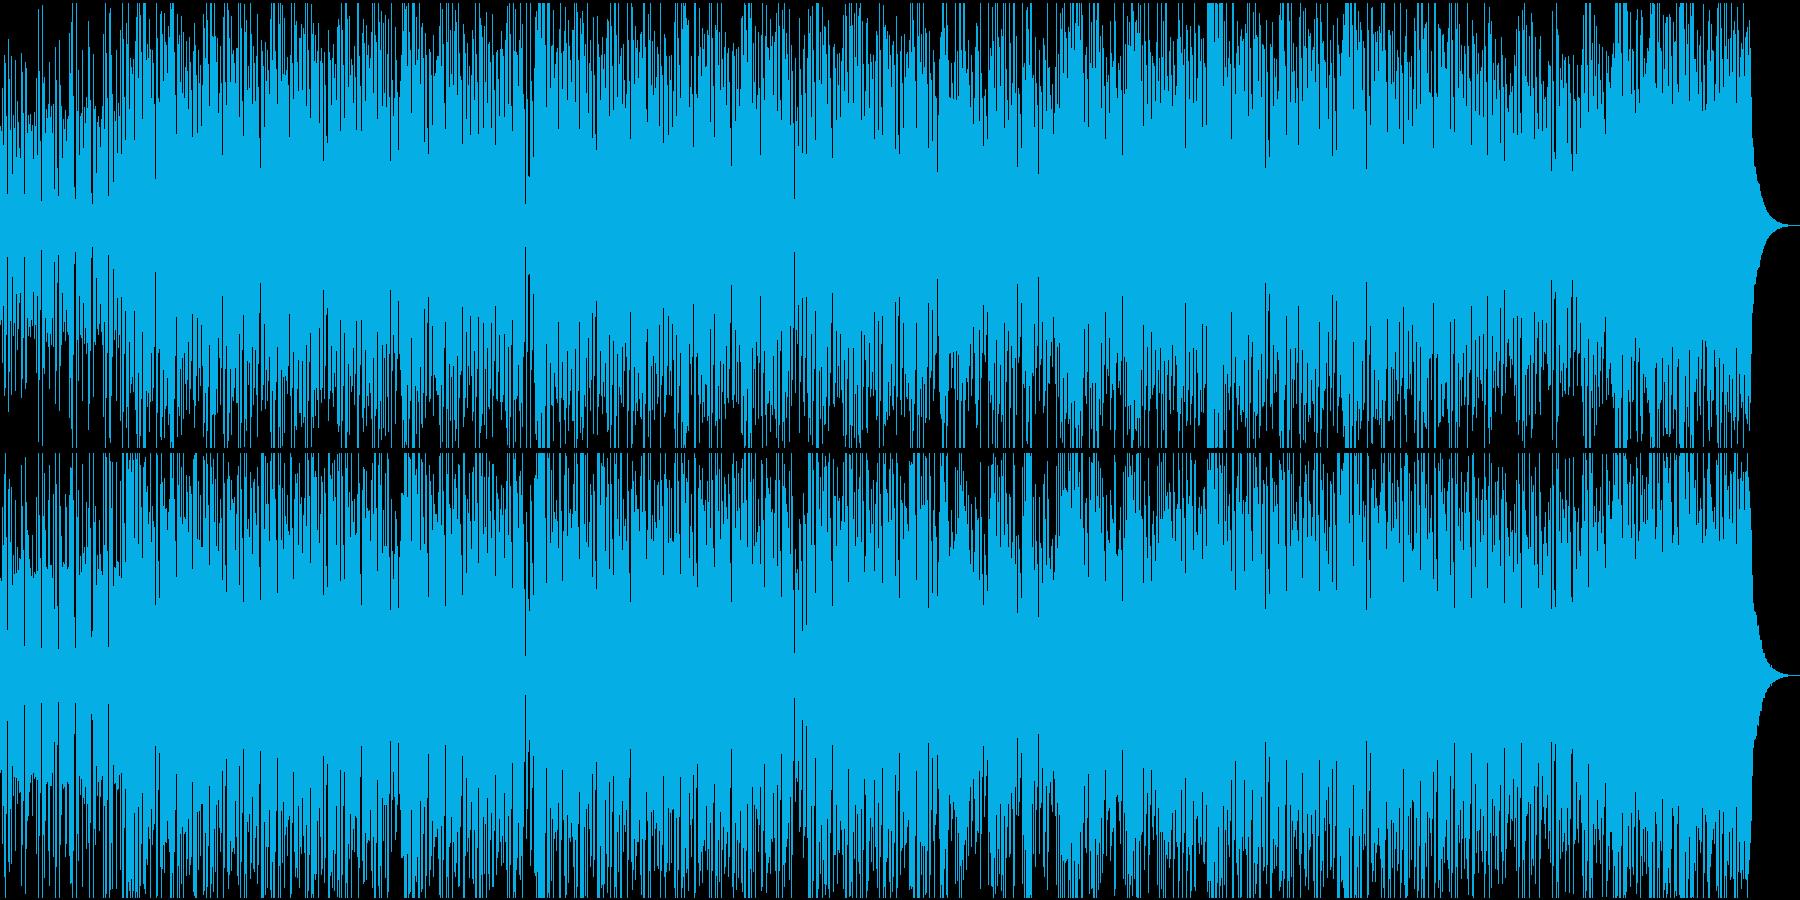 オシャレ/シンプル/ハウス/森/爽やかの再生済みの波形